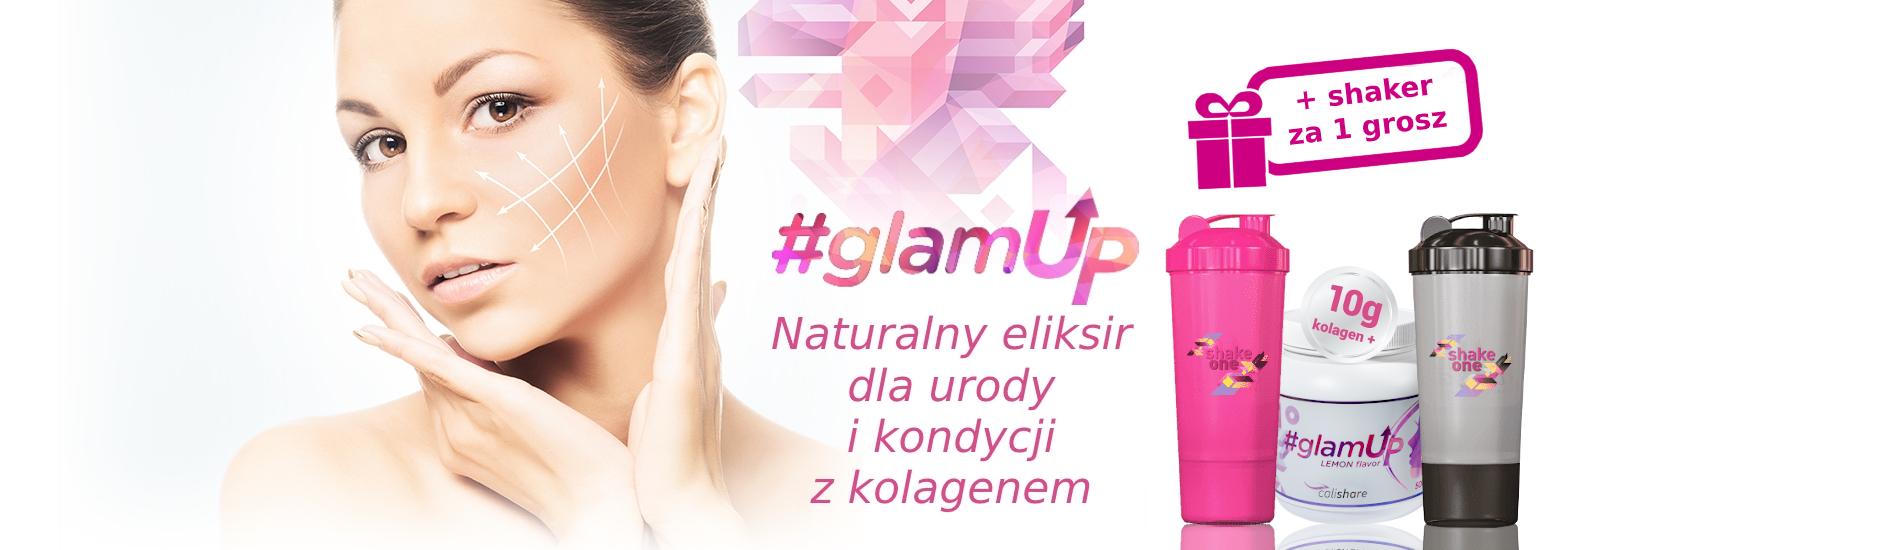 #GlamUp CaliVita